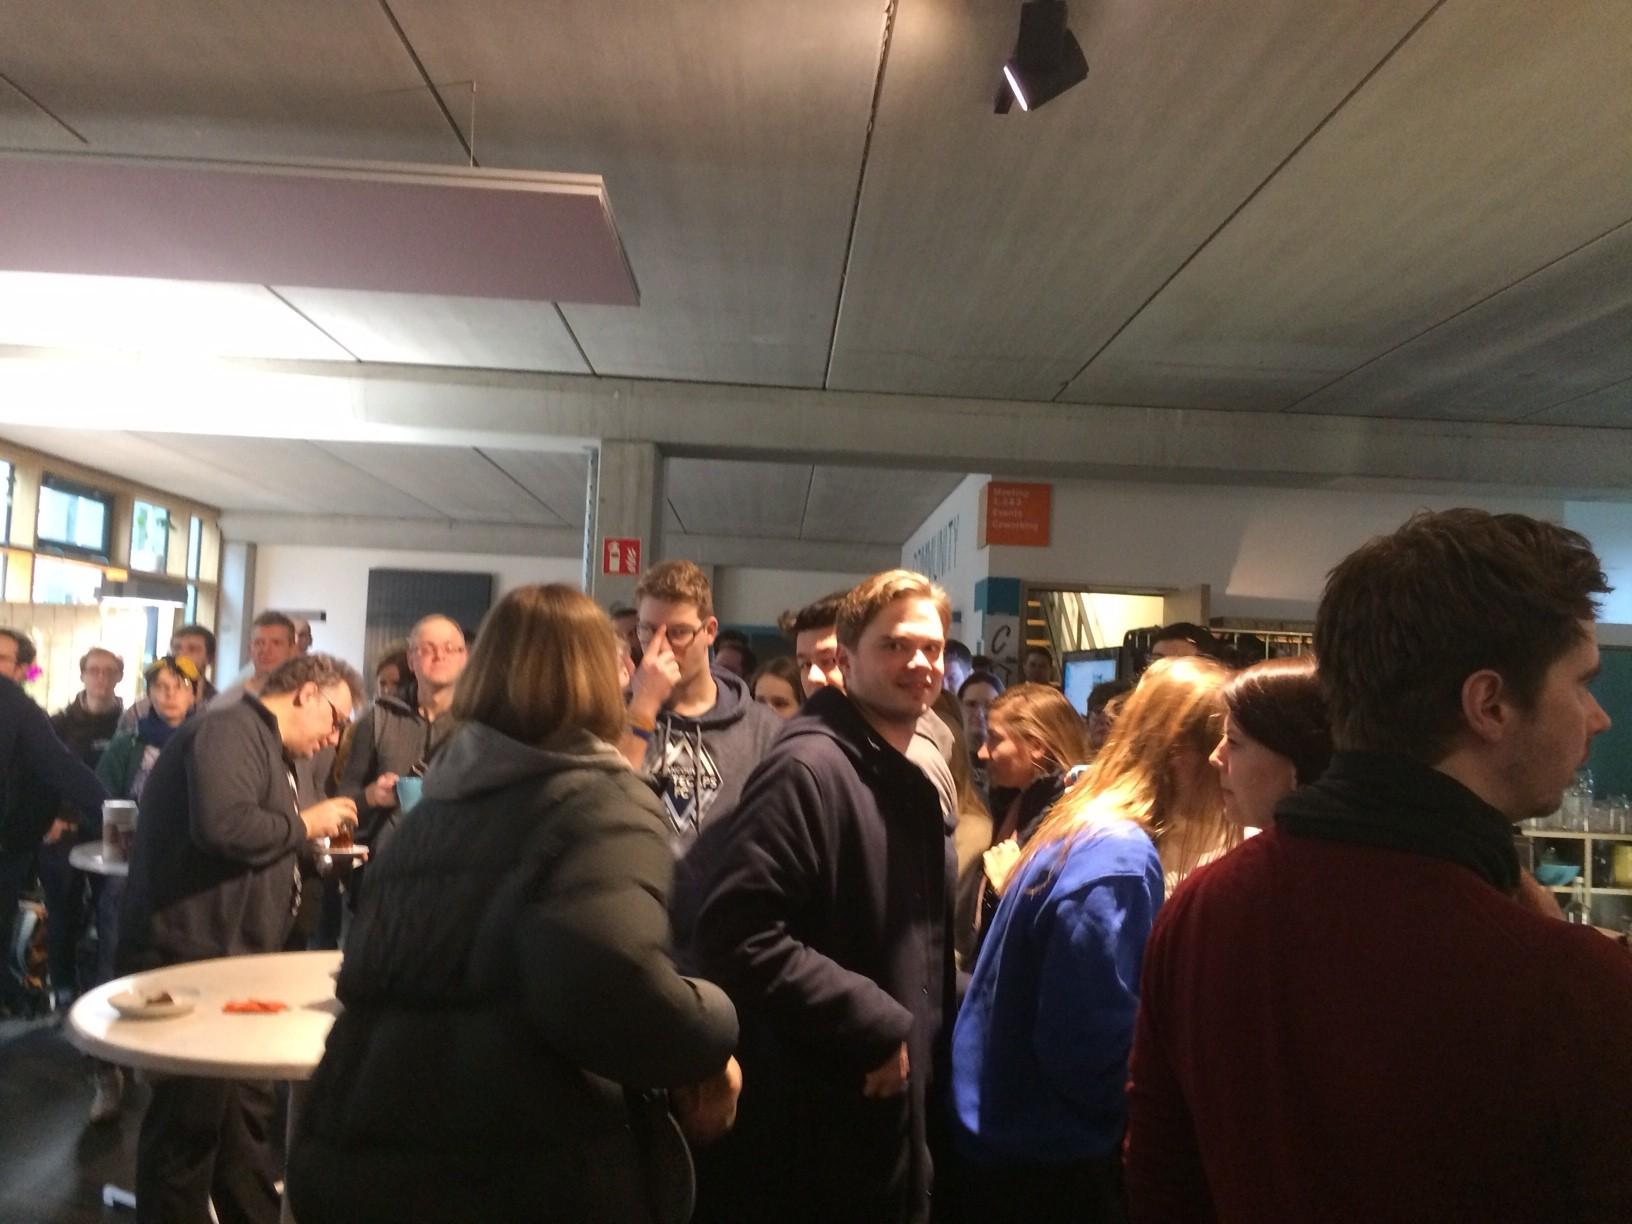 Am Samstag morgens früh aufstehen: Hackday-Teilnehmer an der Kaffeebar